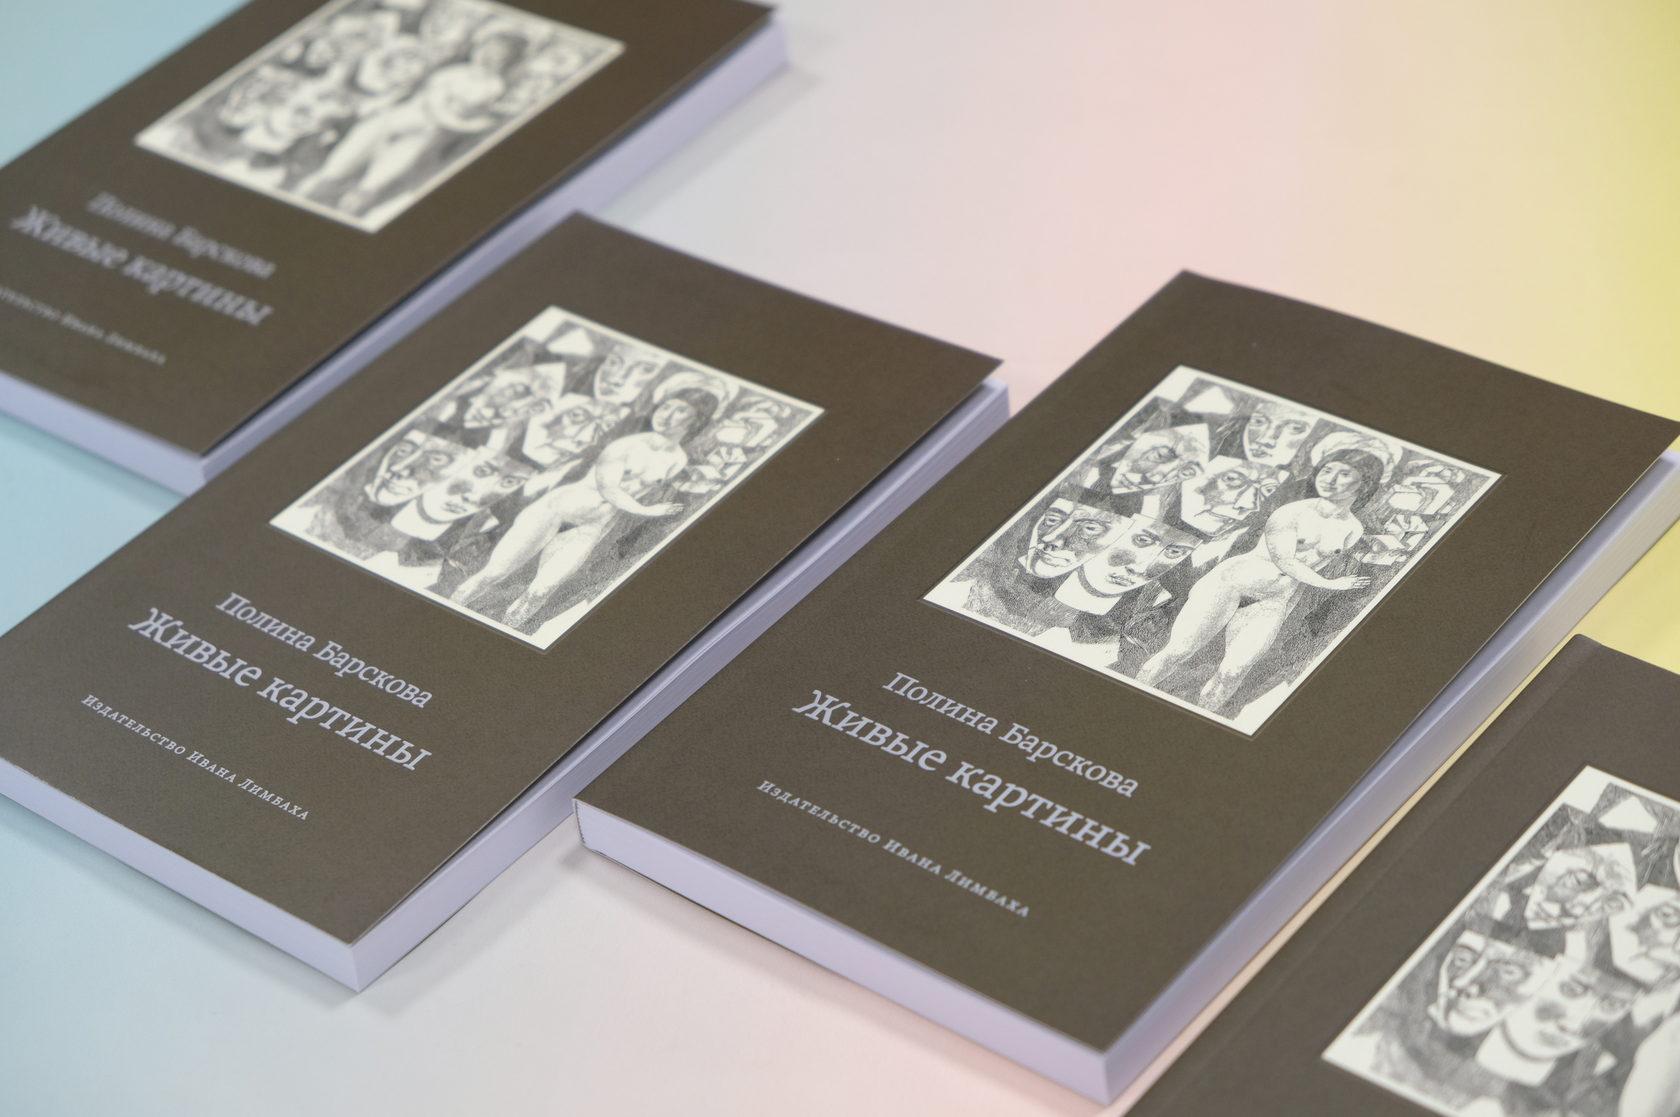 Полина Барскова «Живые картины» 978-5-89059-361-0 Издательство Ивана Лимбаха